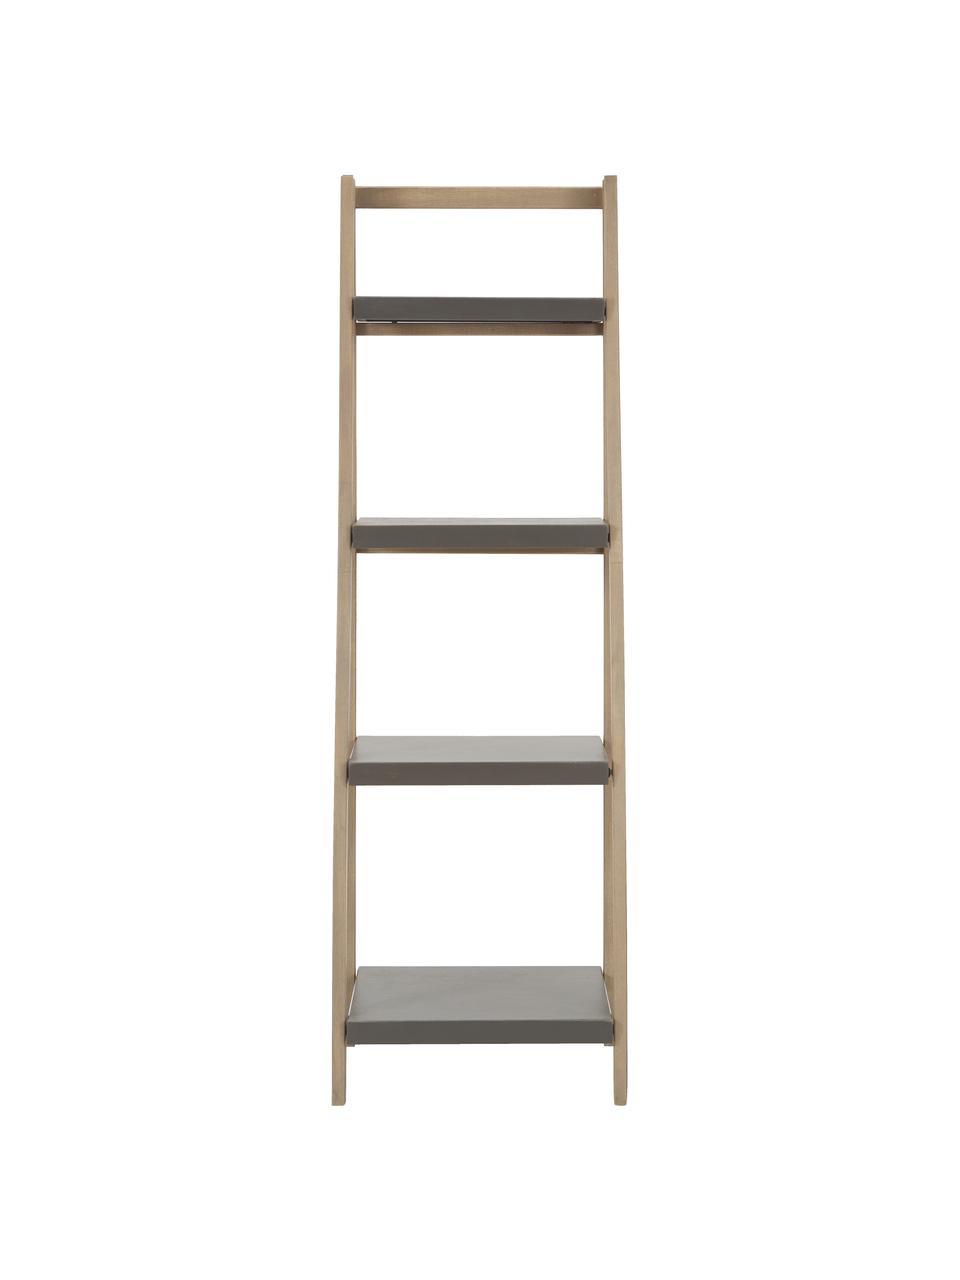 Petite étagère/échelle Lomborg, Bois de chêne, gris